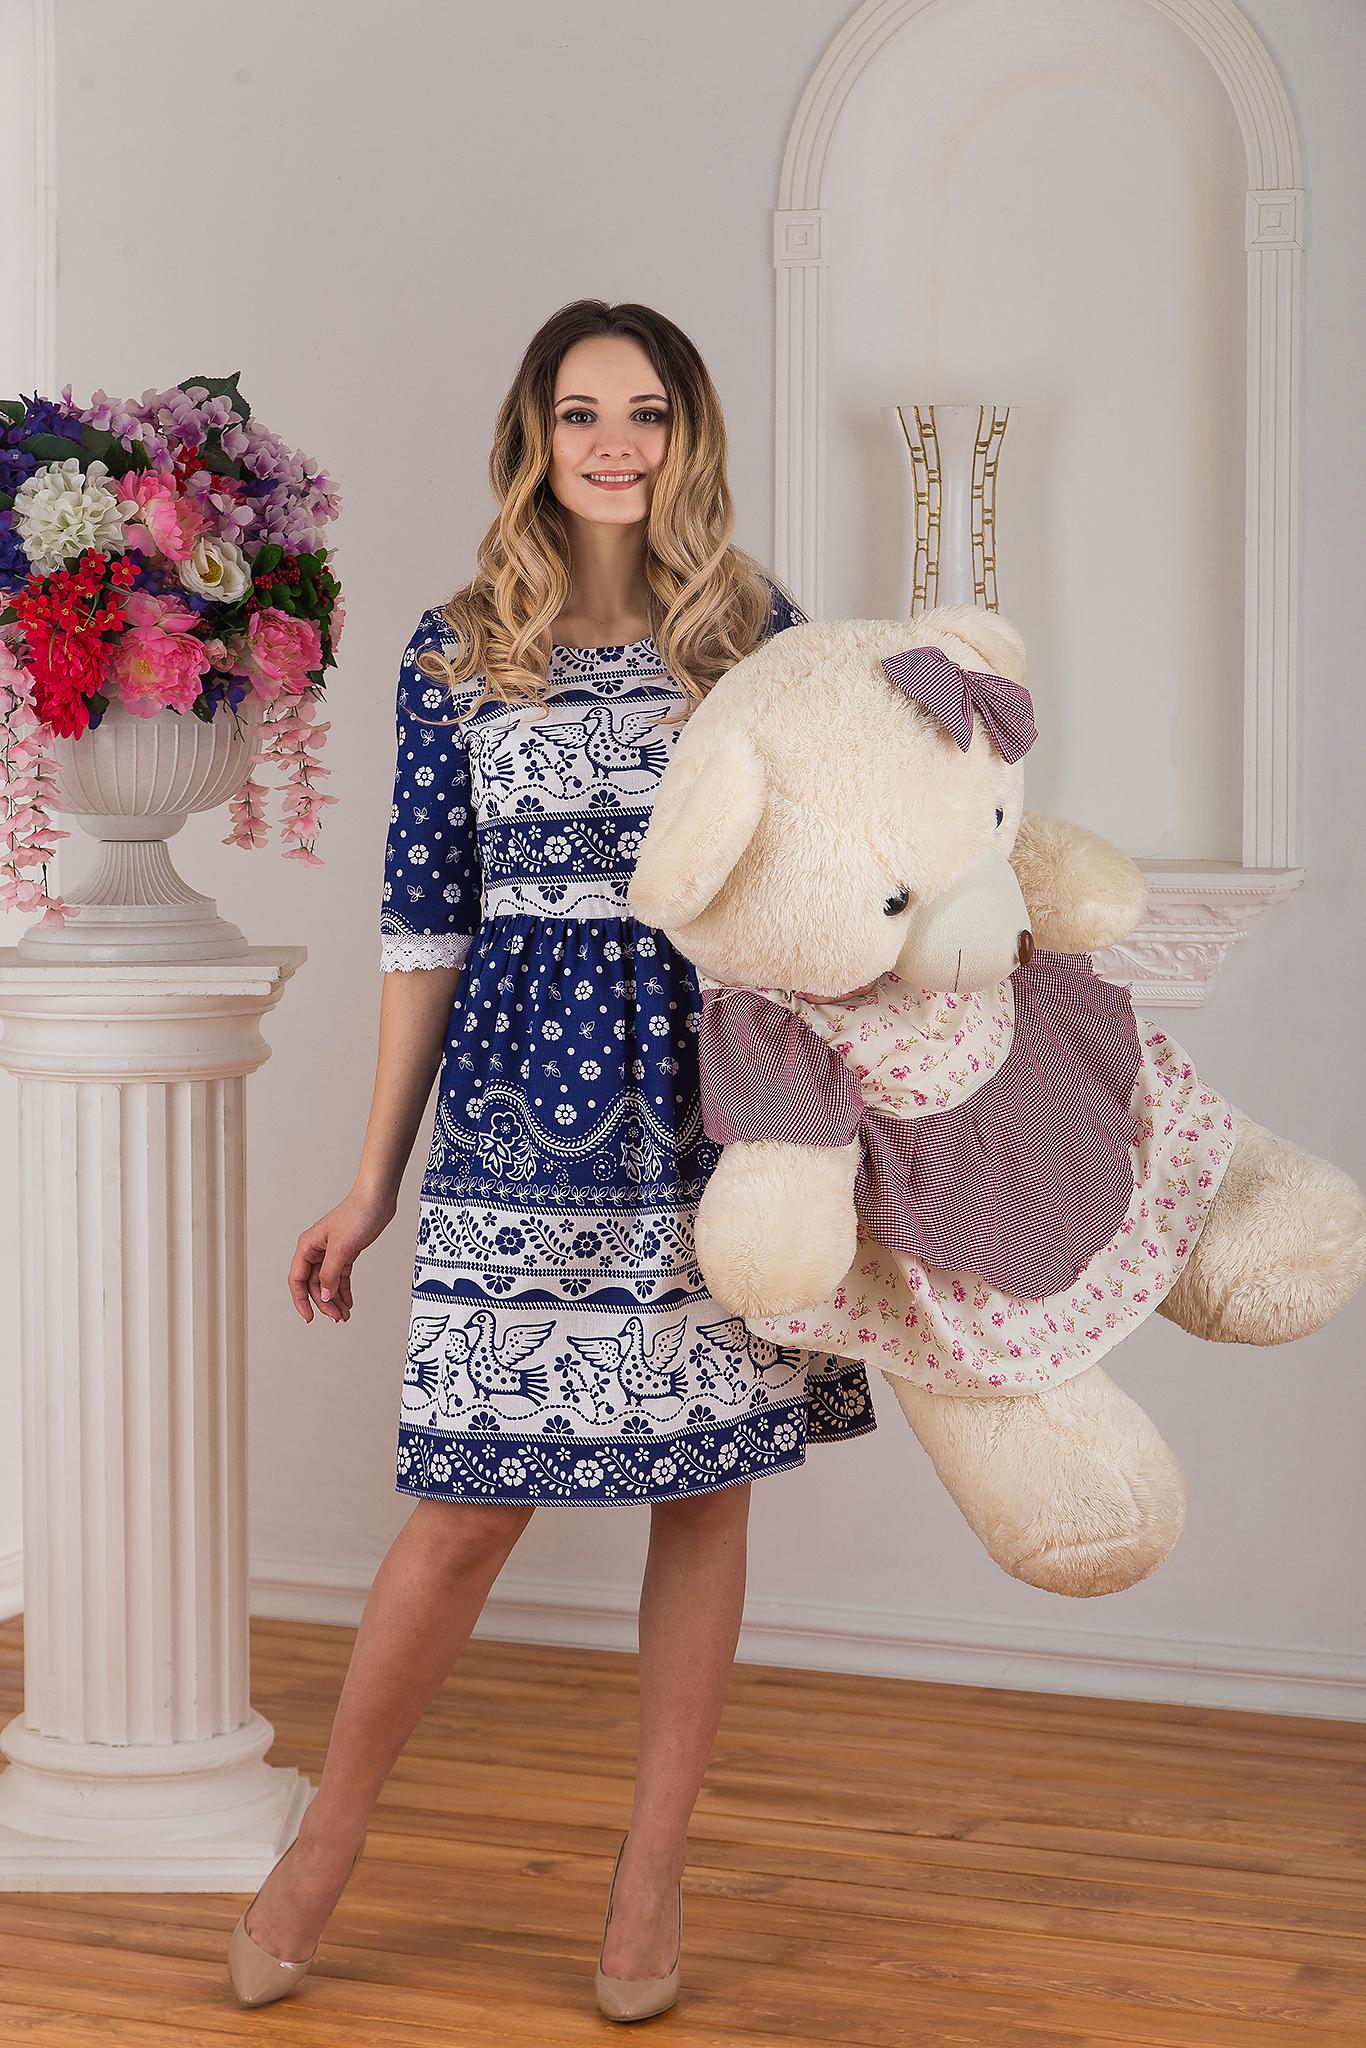 Платье льняное современное Синяя птица от Иванка с медведем